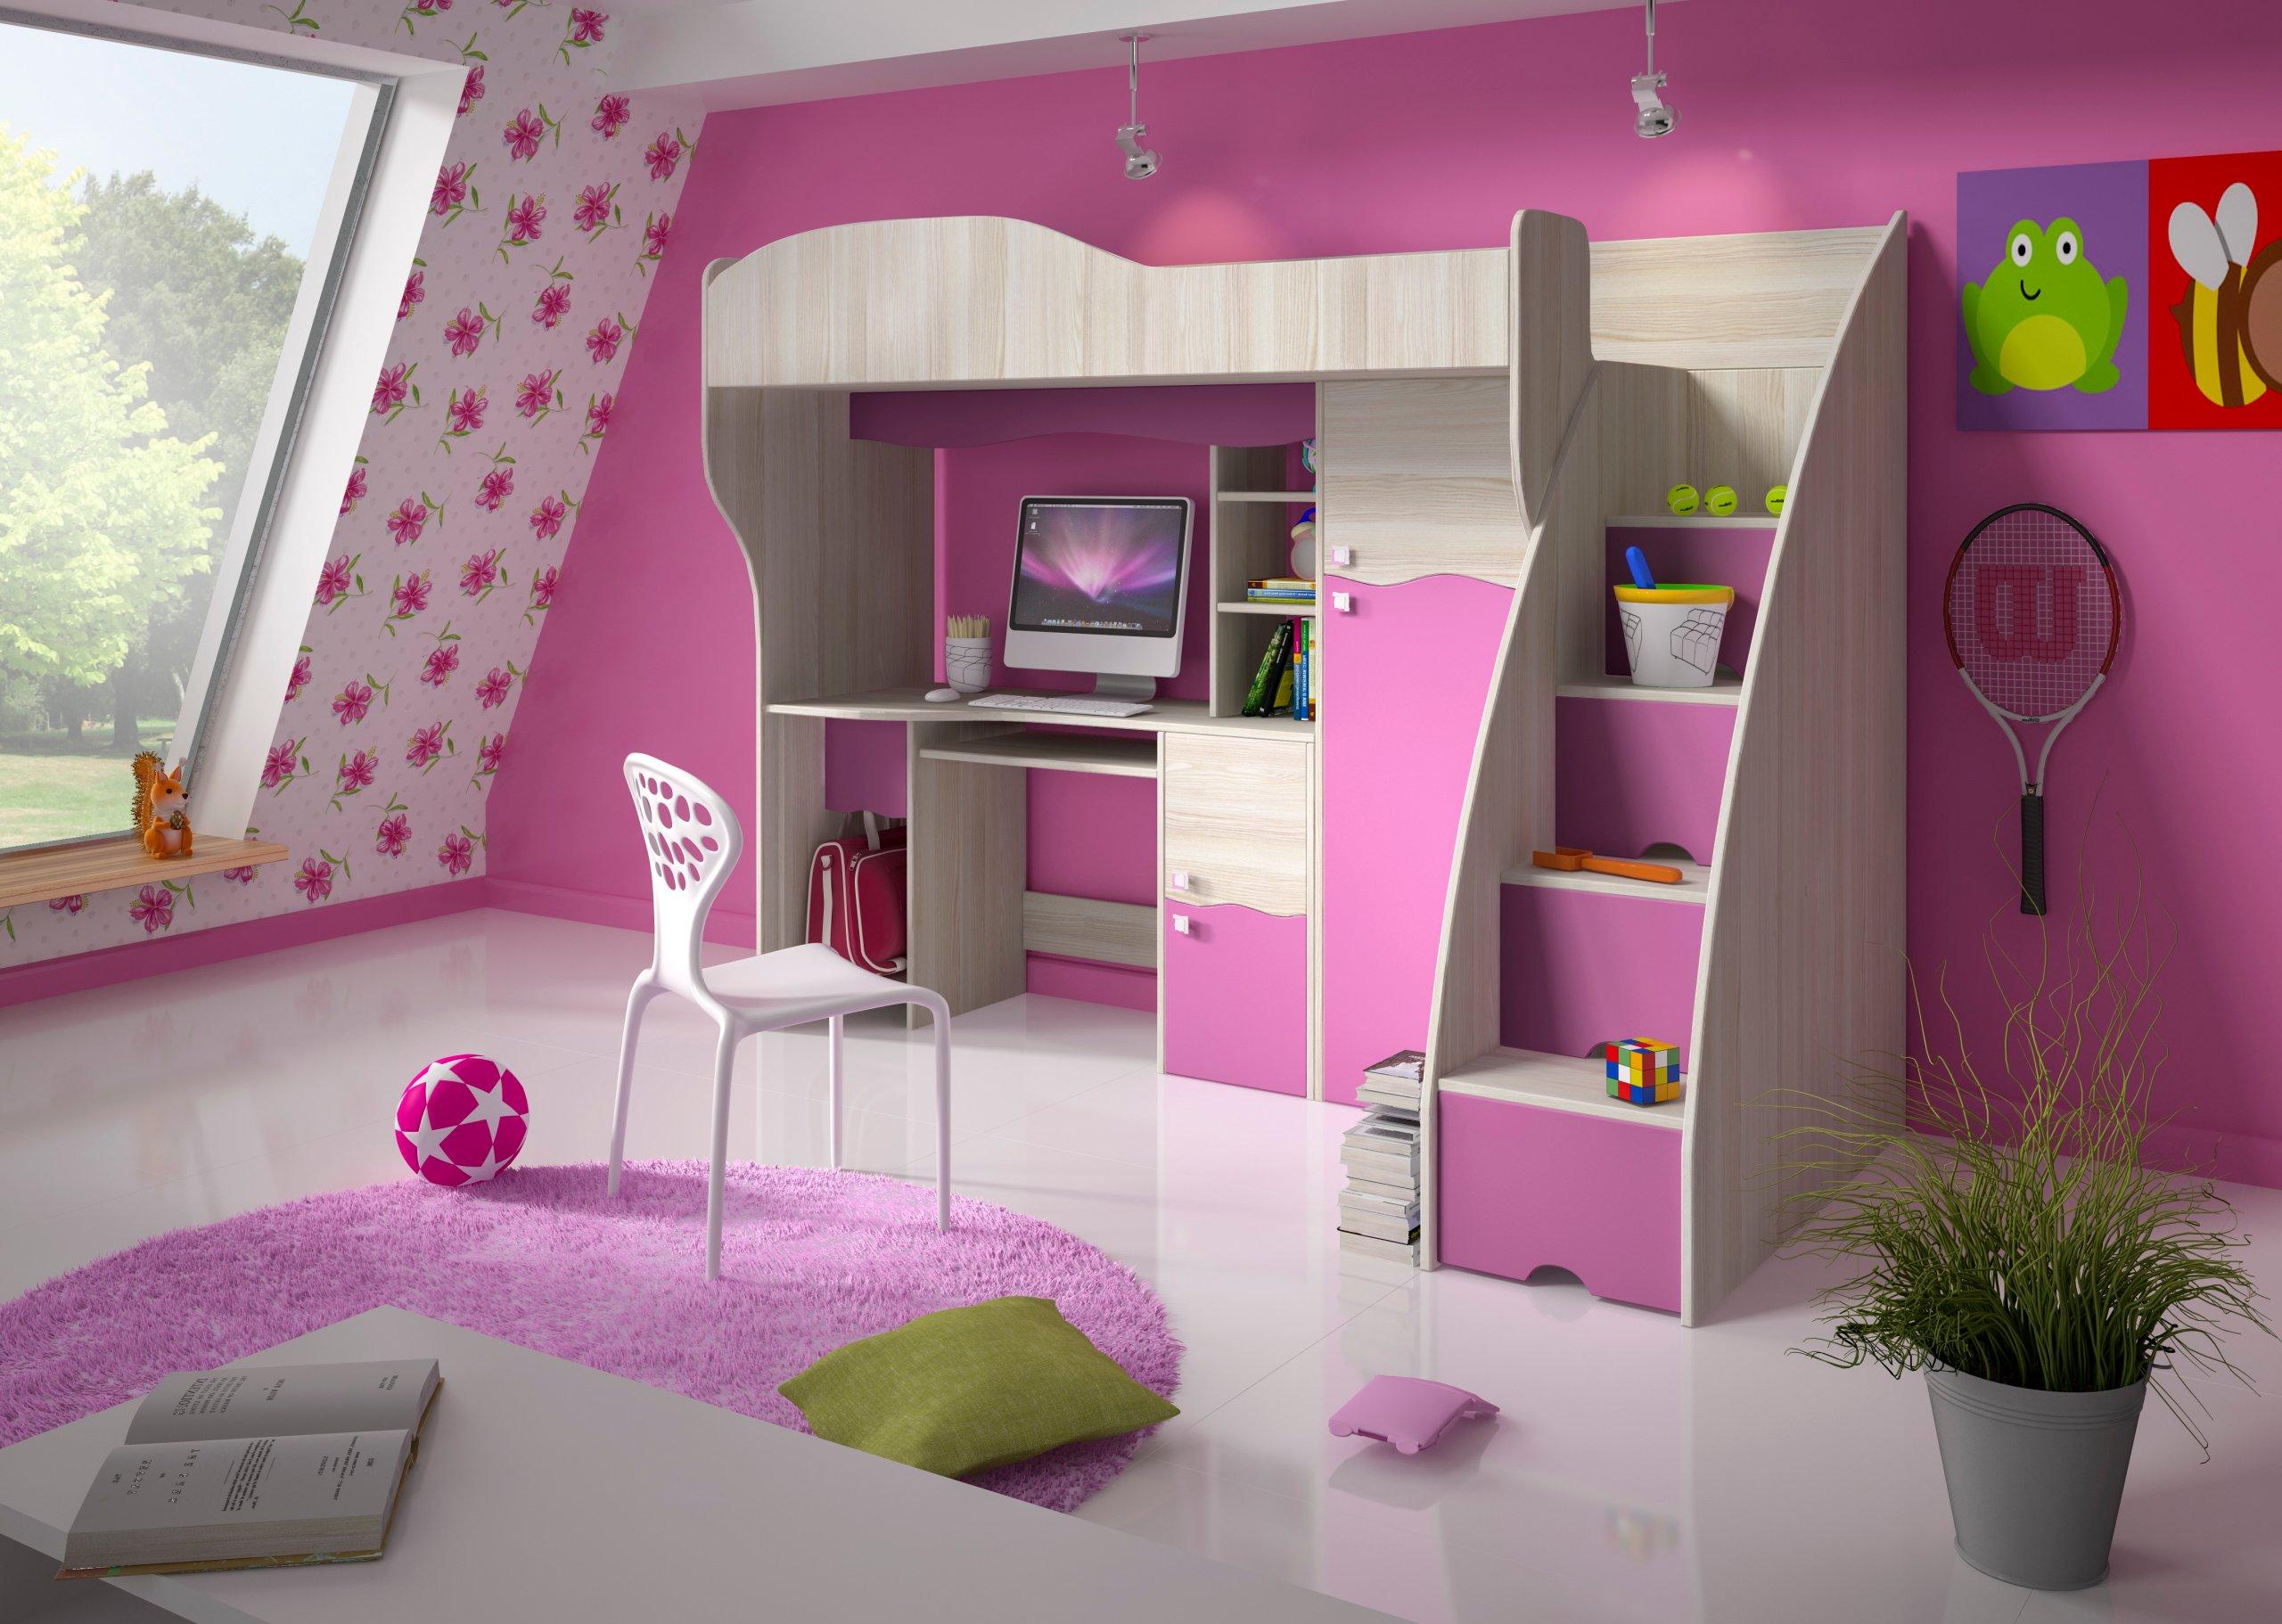 Producent łóżko Piętrowe Dla Dzieci Rino 80x190cm 6763089863